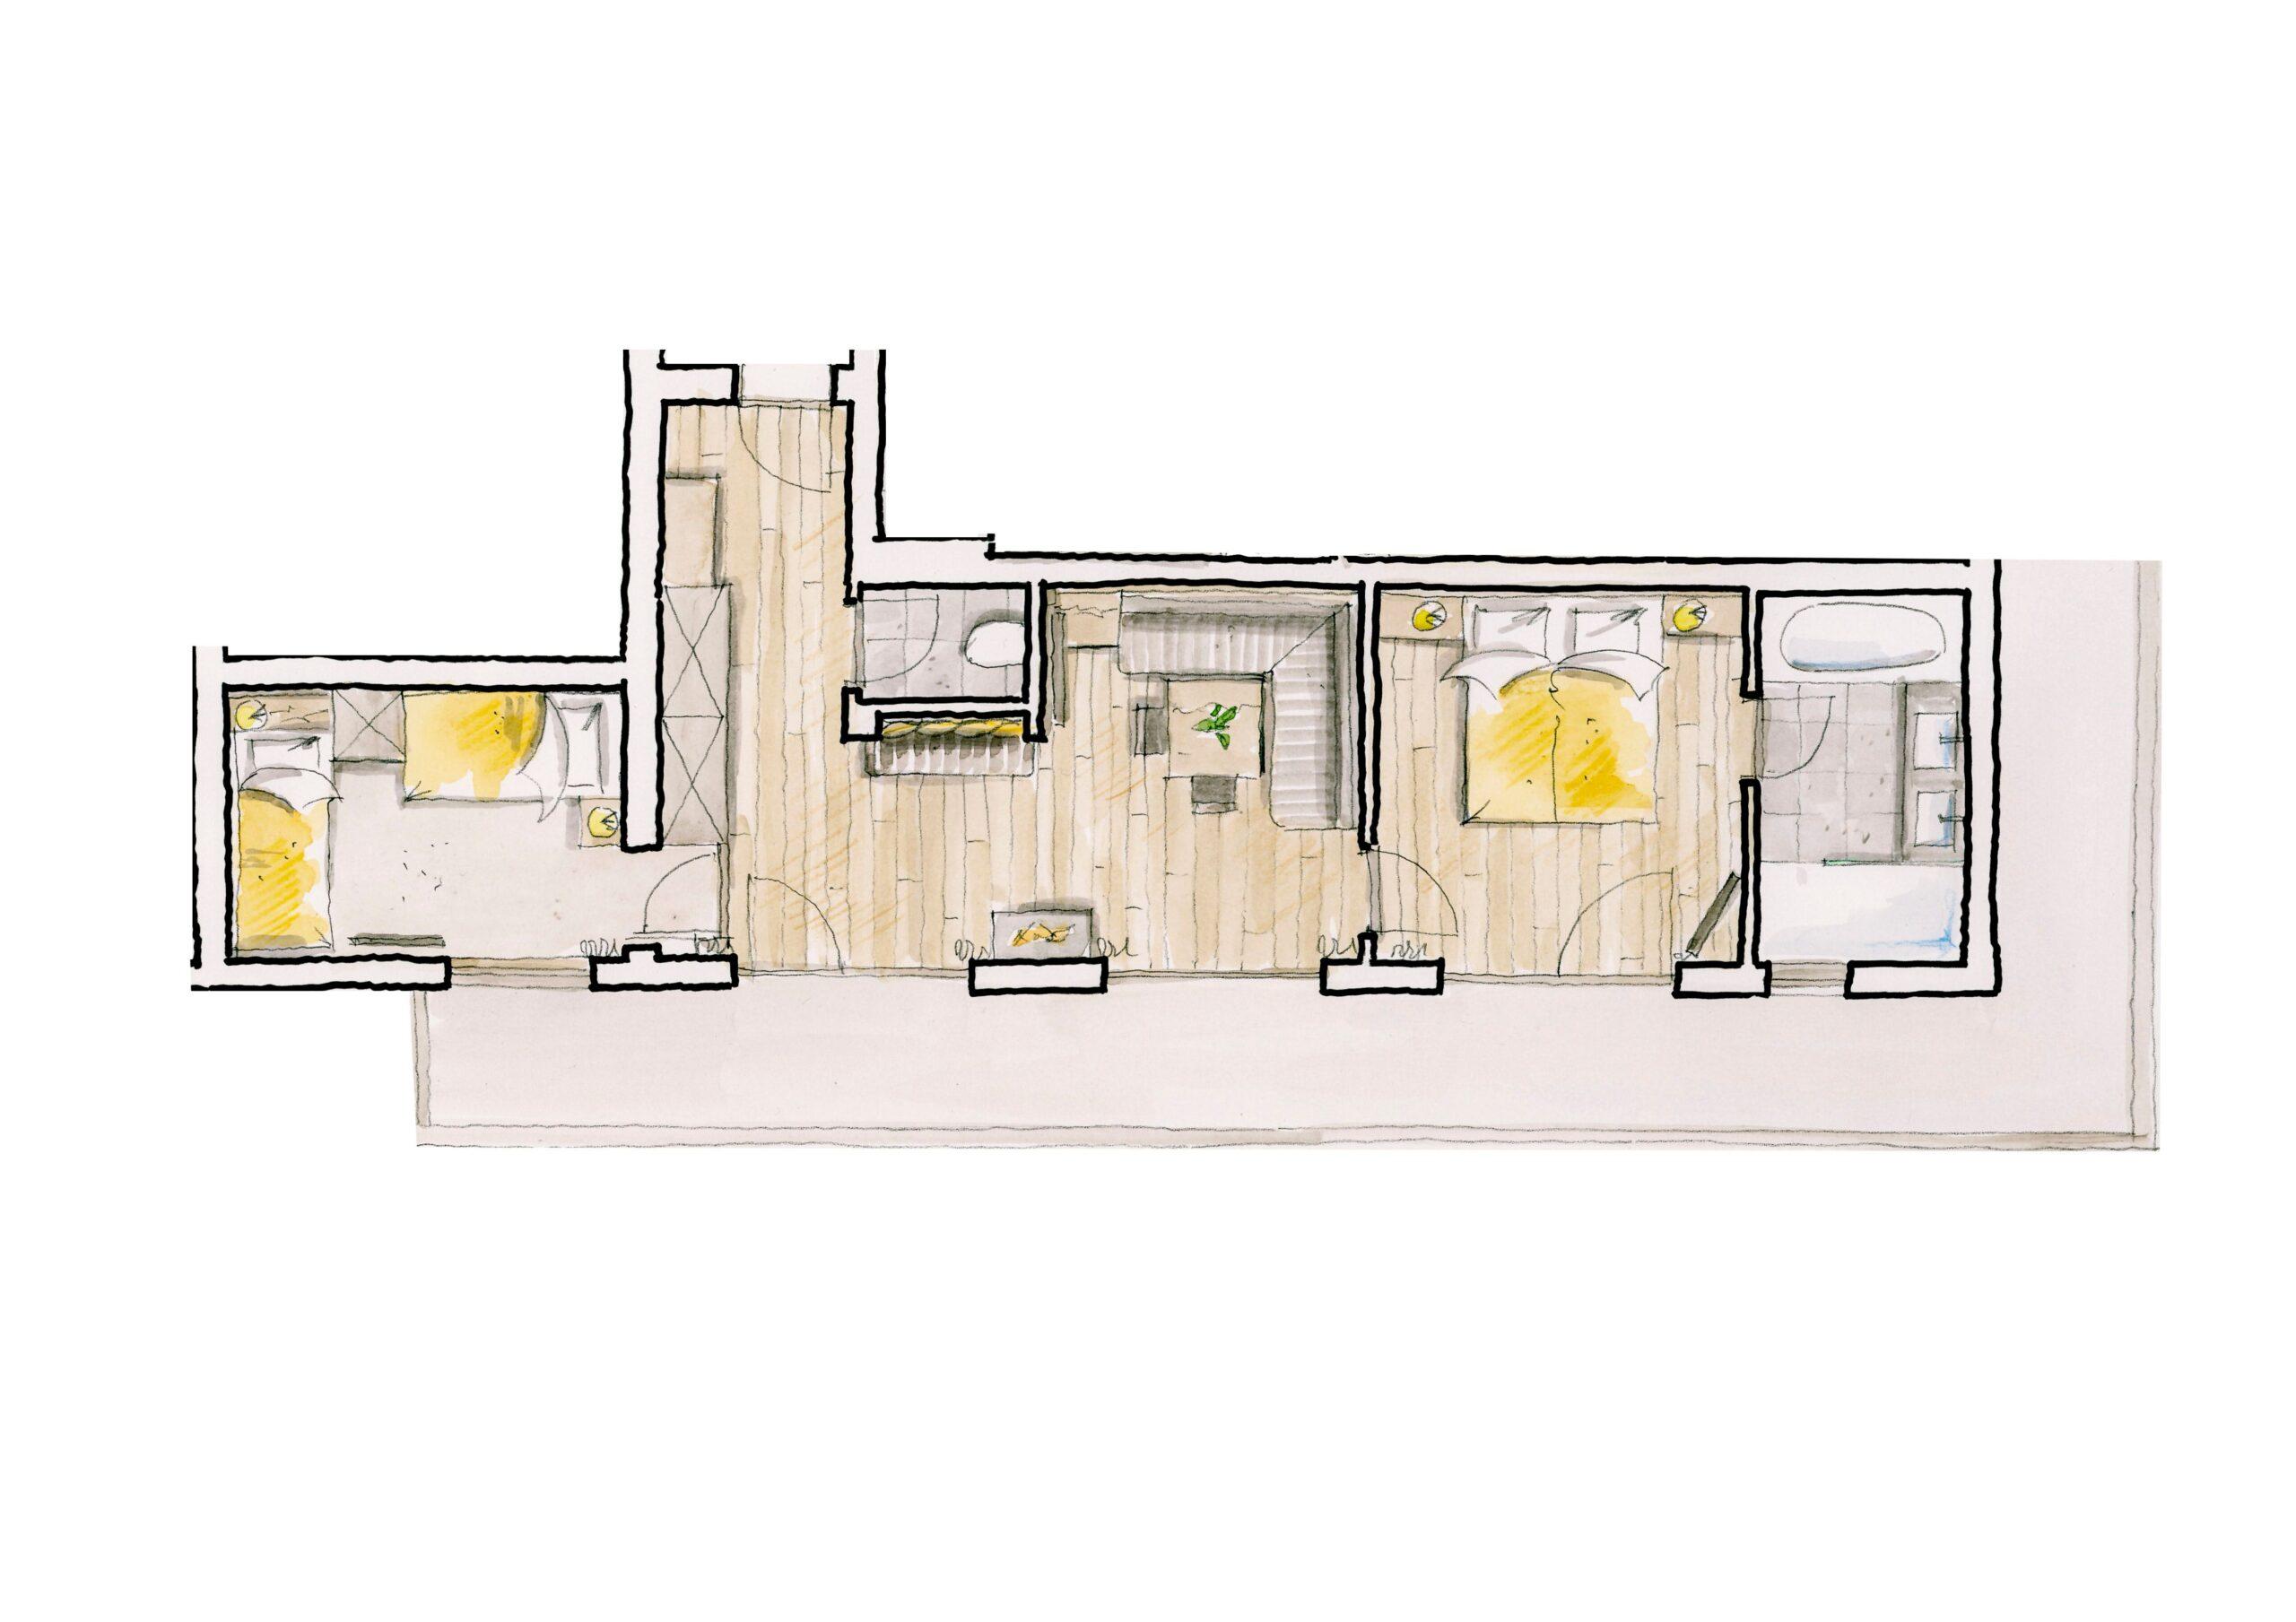 Familiensuite Panorama mit herrlichem Ausblick im Naturhotel Alpbach ab Sommer 2021